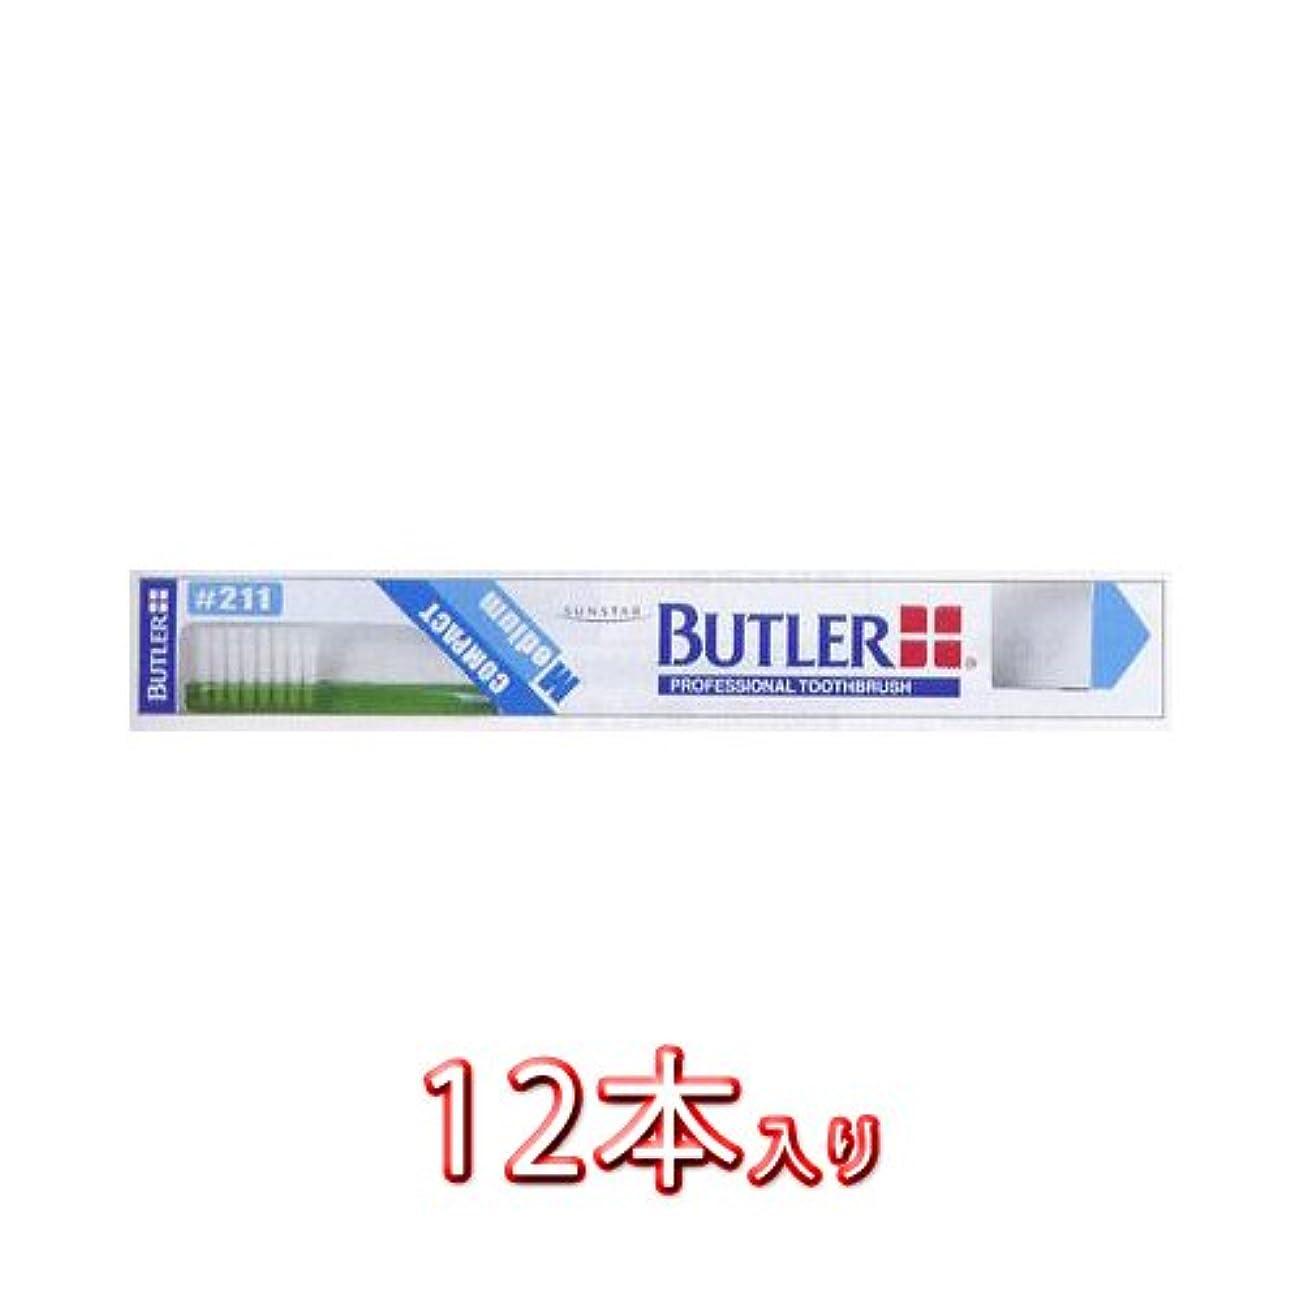 ぶどうホバー魅力的であることへのアピールバトラー 歯ブラシ #211 12本入